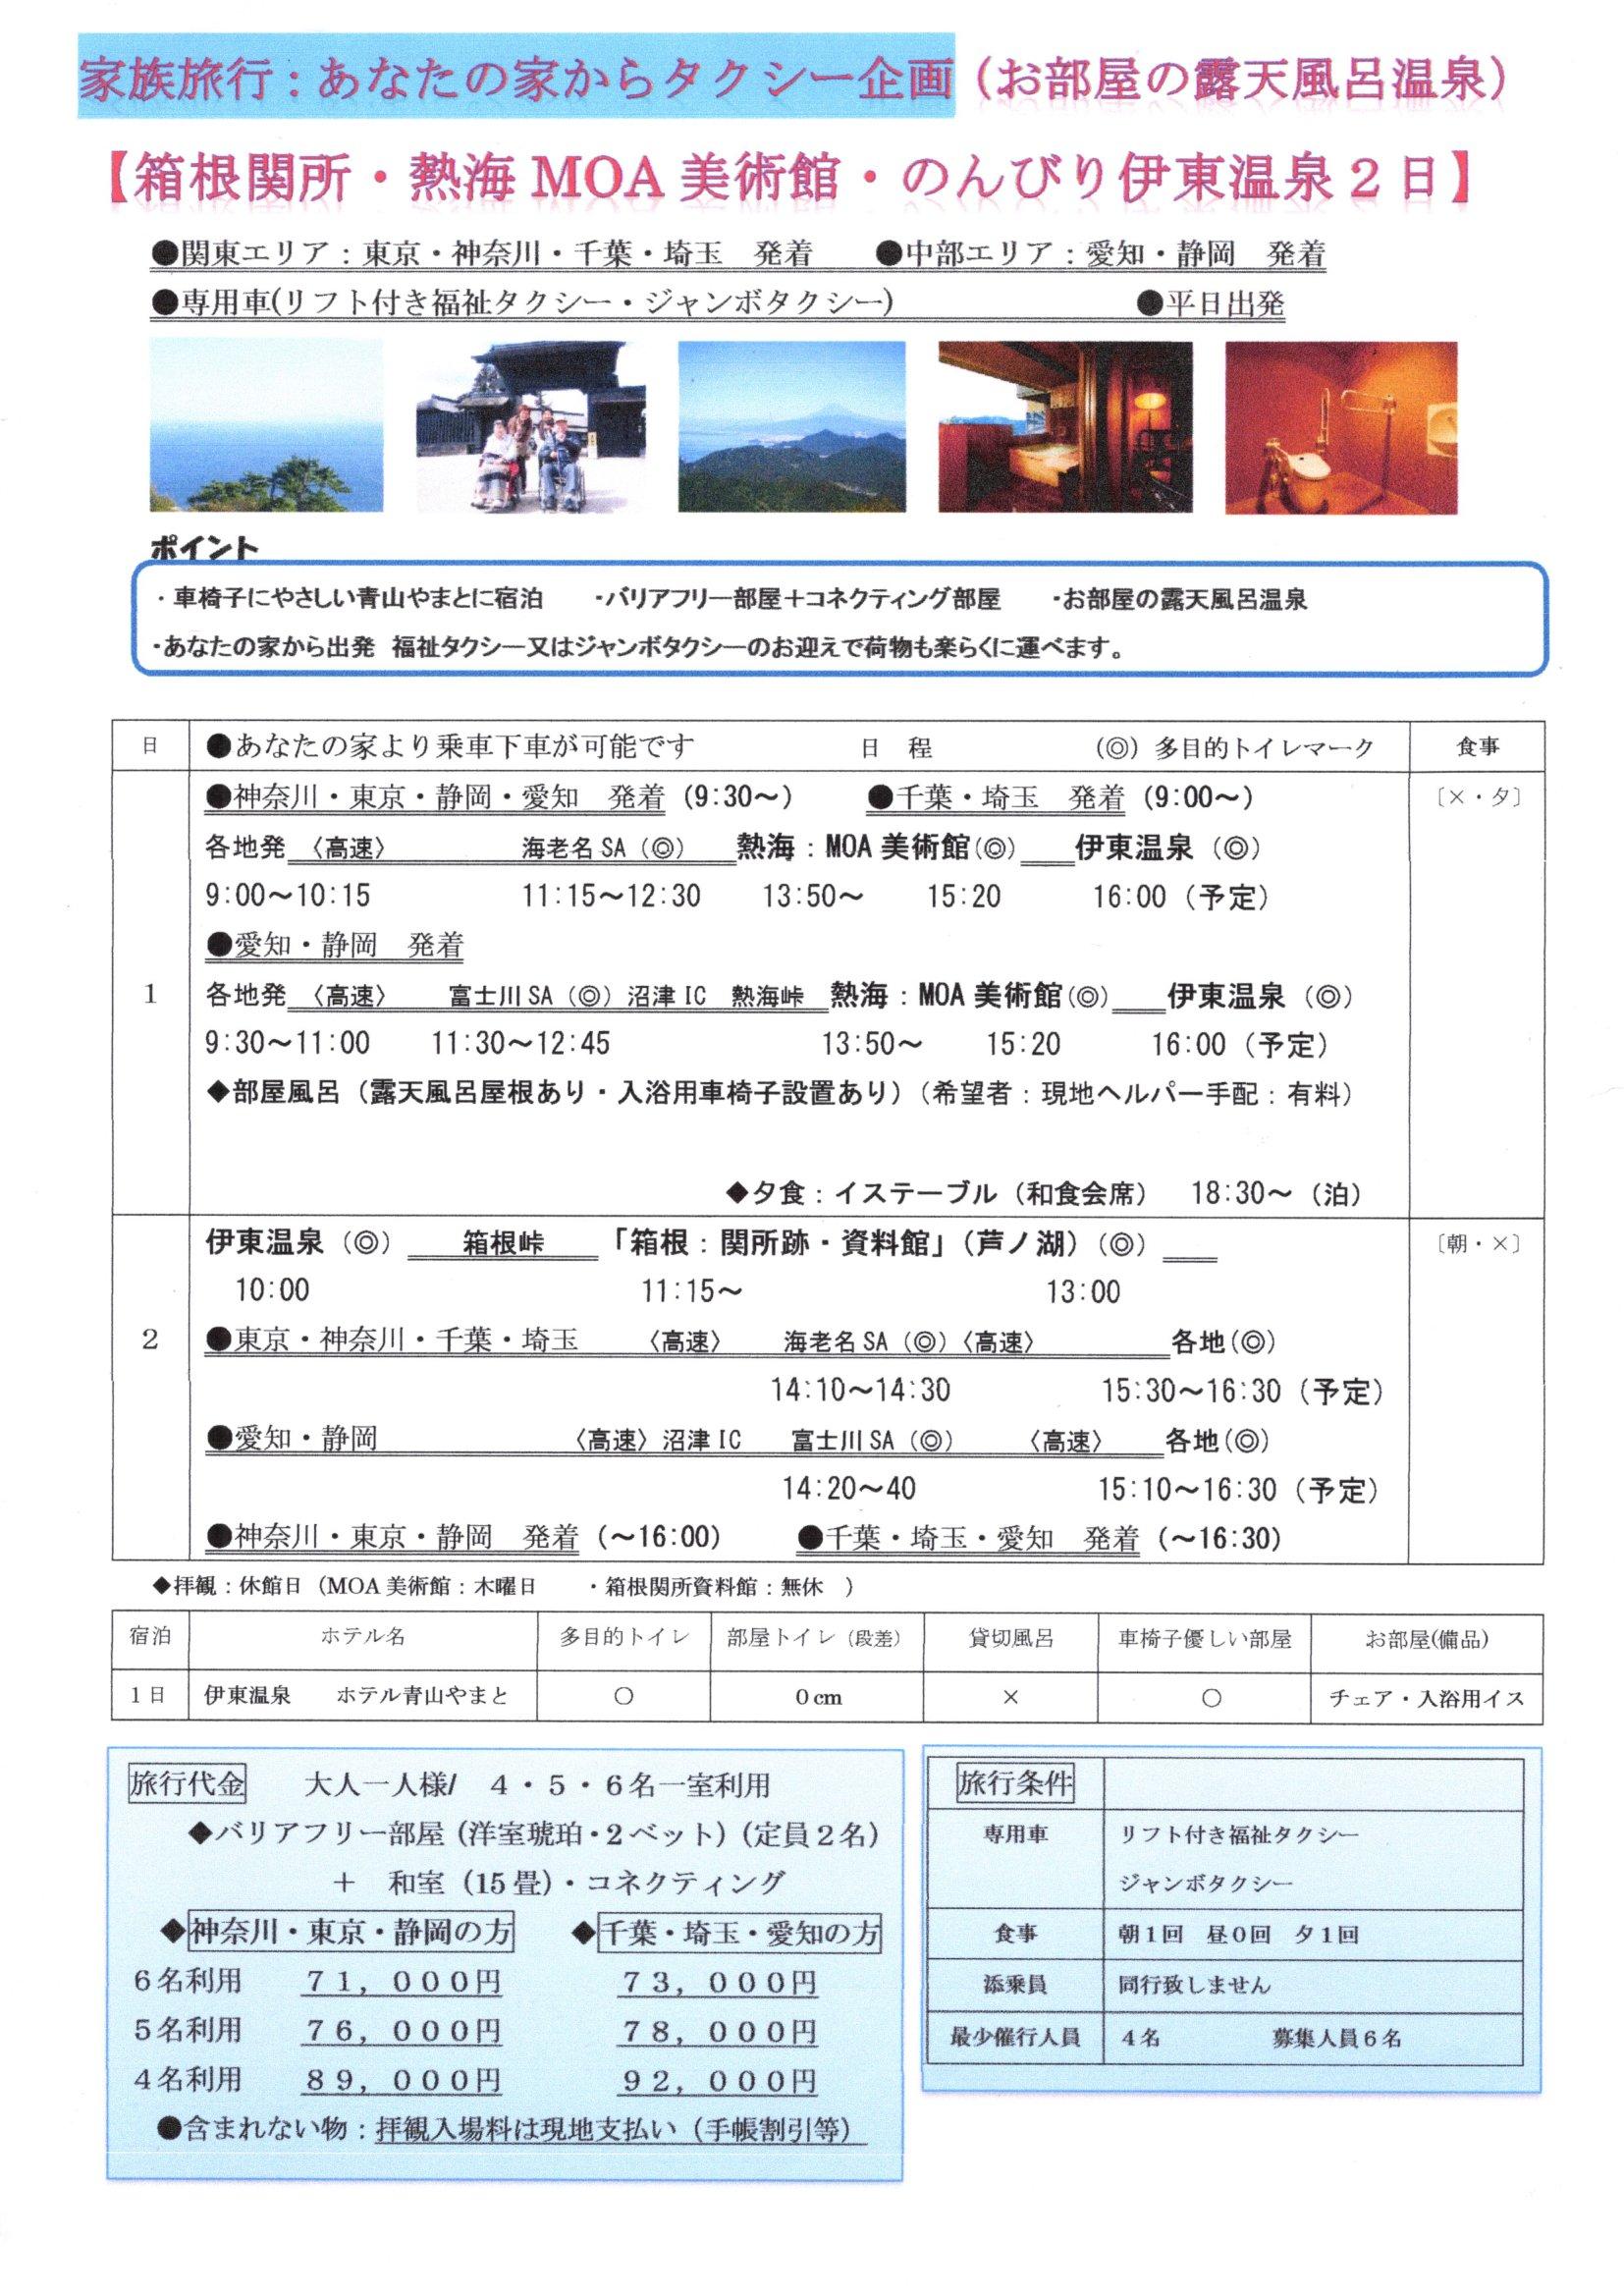 箱根関所・MOA美術館・のんびり伊東温泉 2日